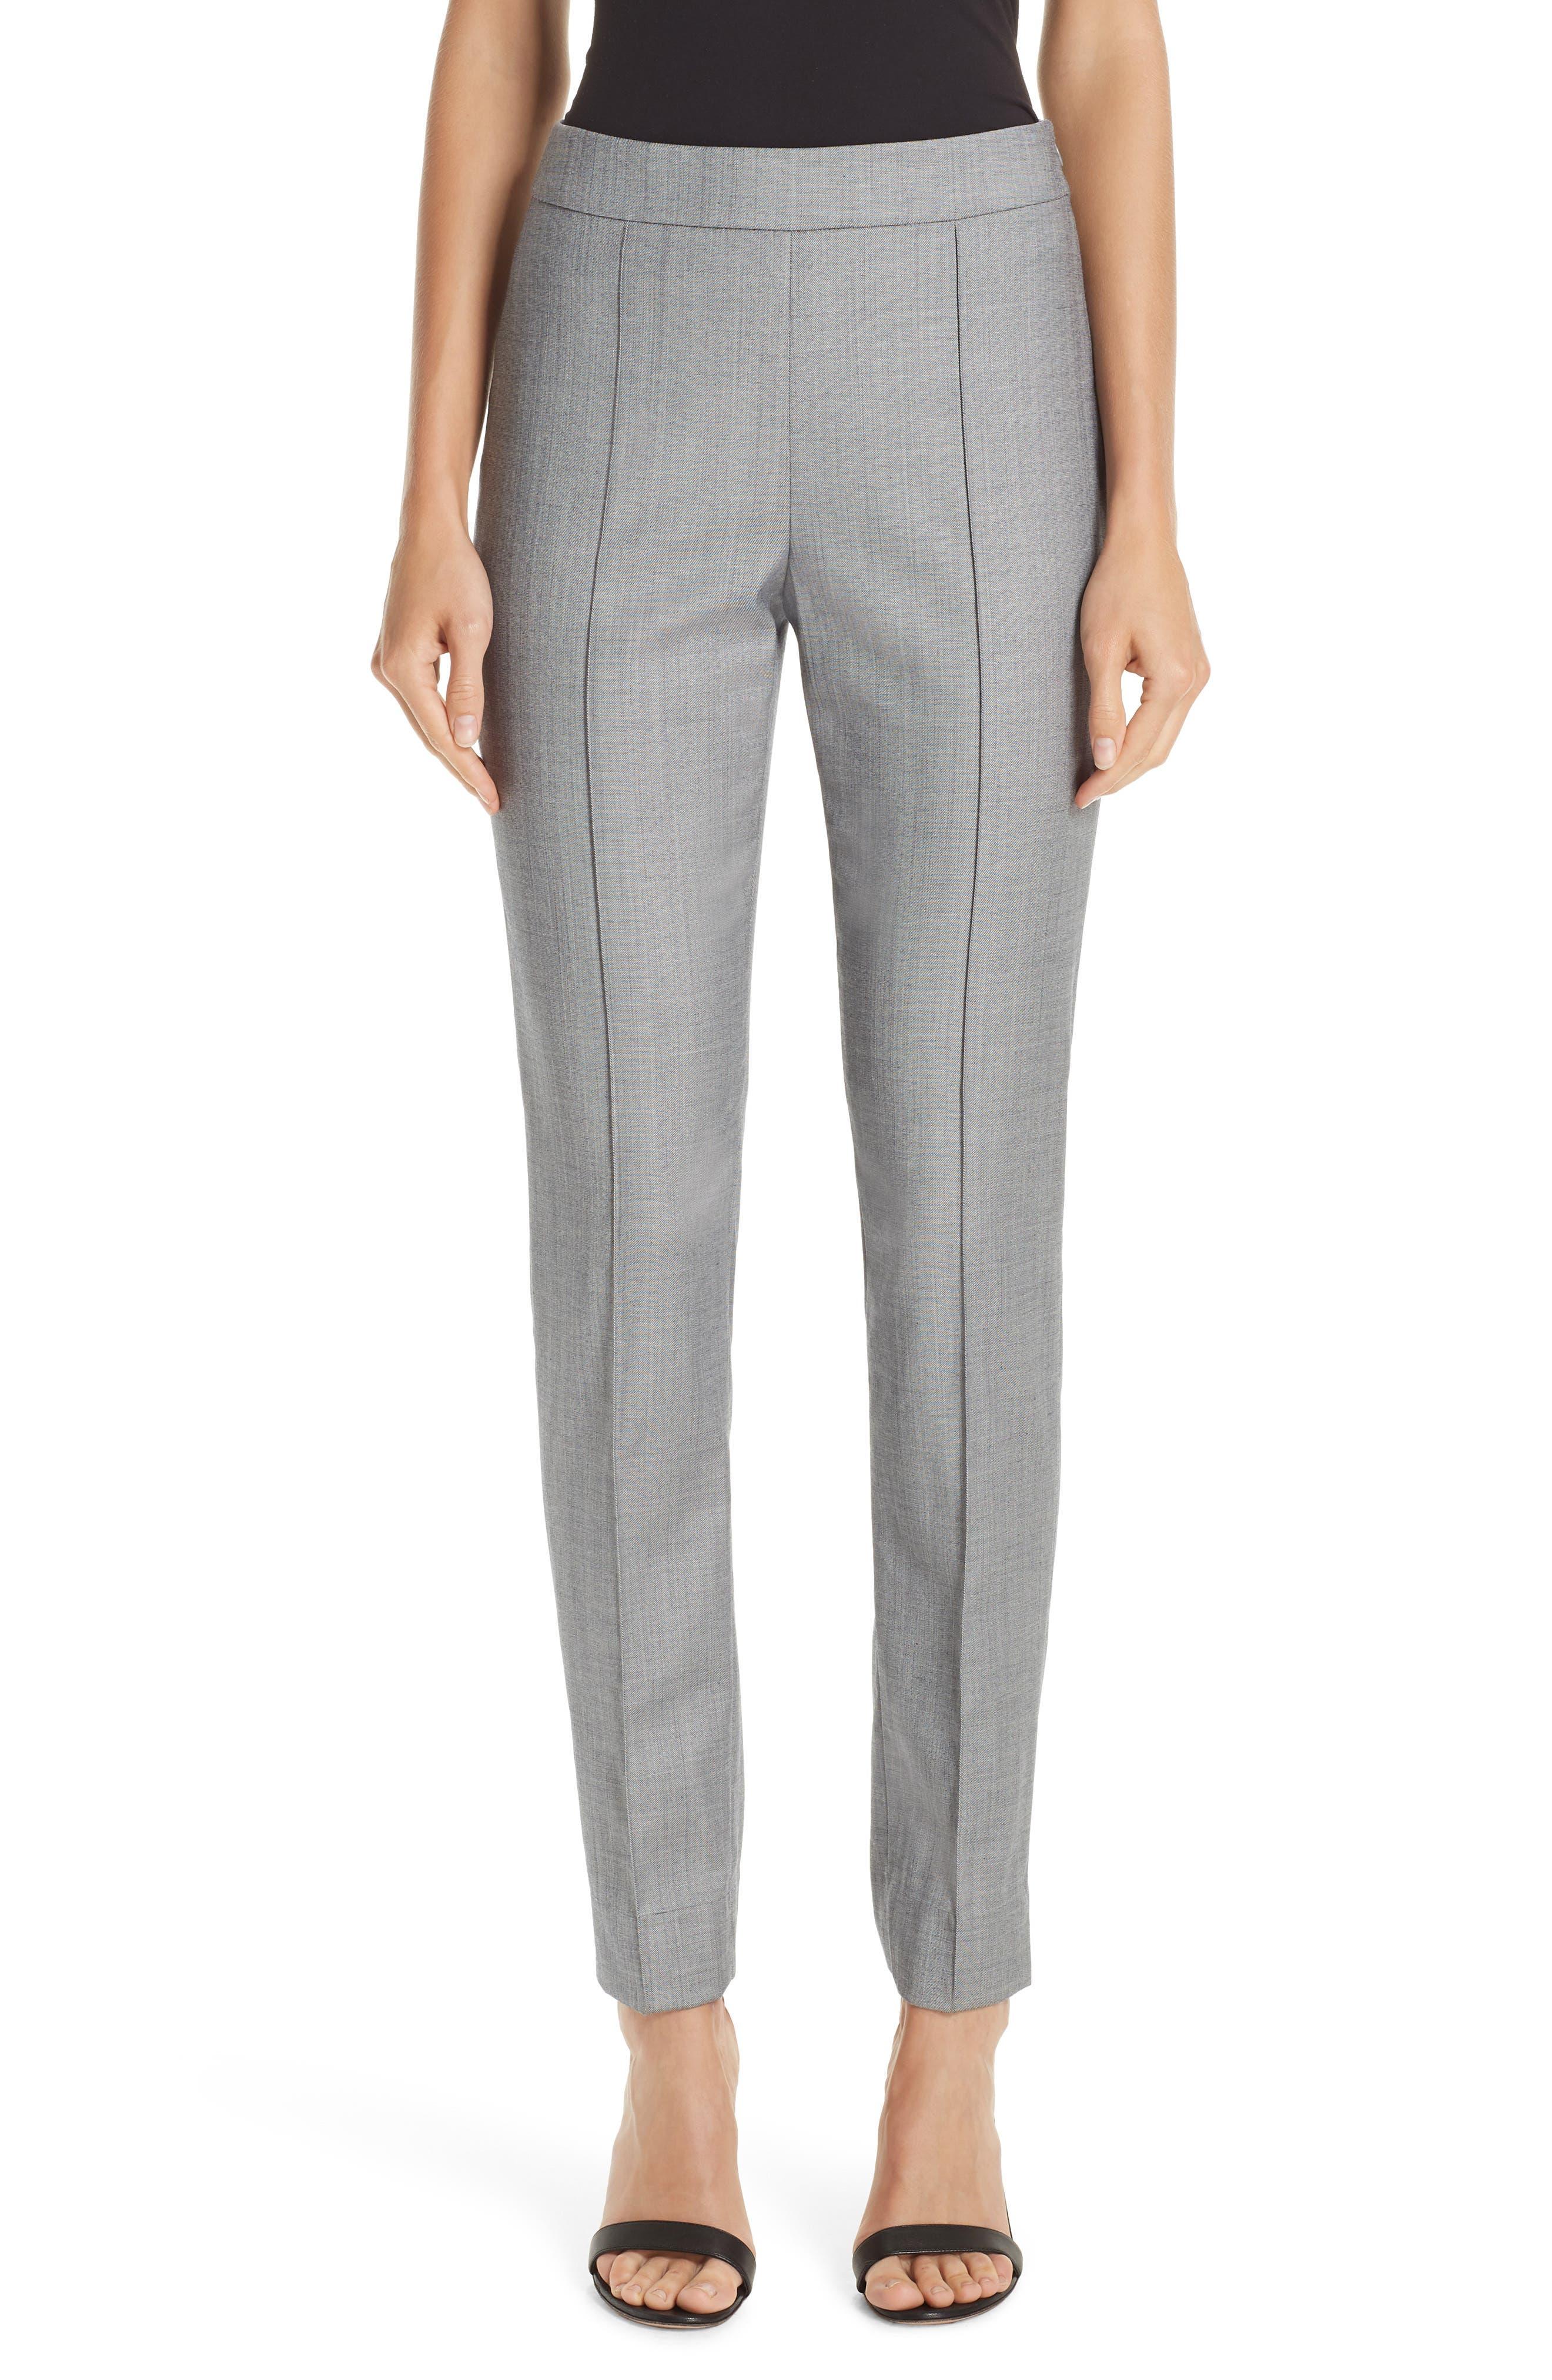 Sharkskin Stretch Wool Blend Skinny Ankle Pants in Grey Multi